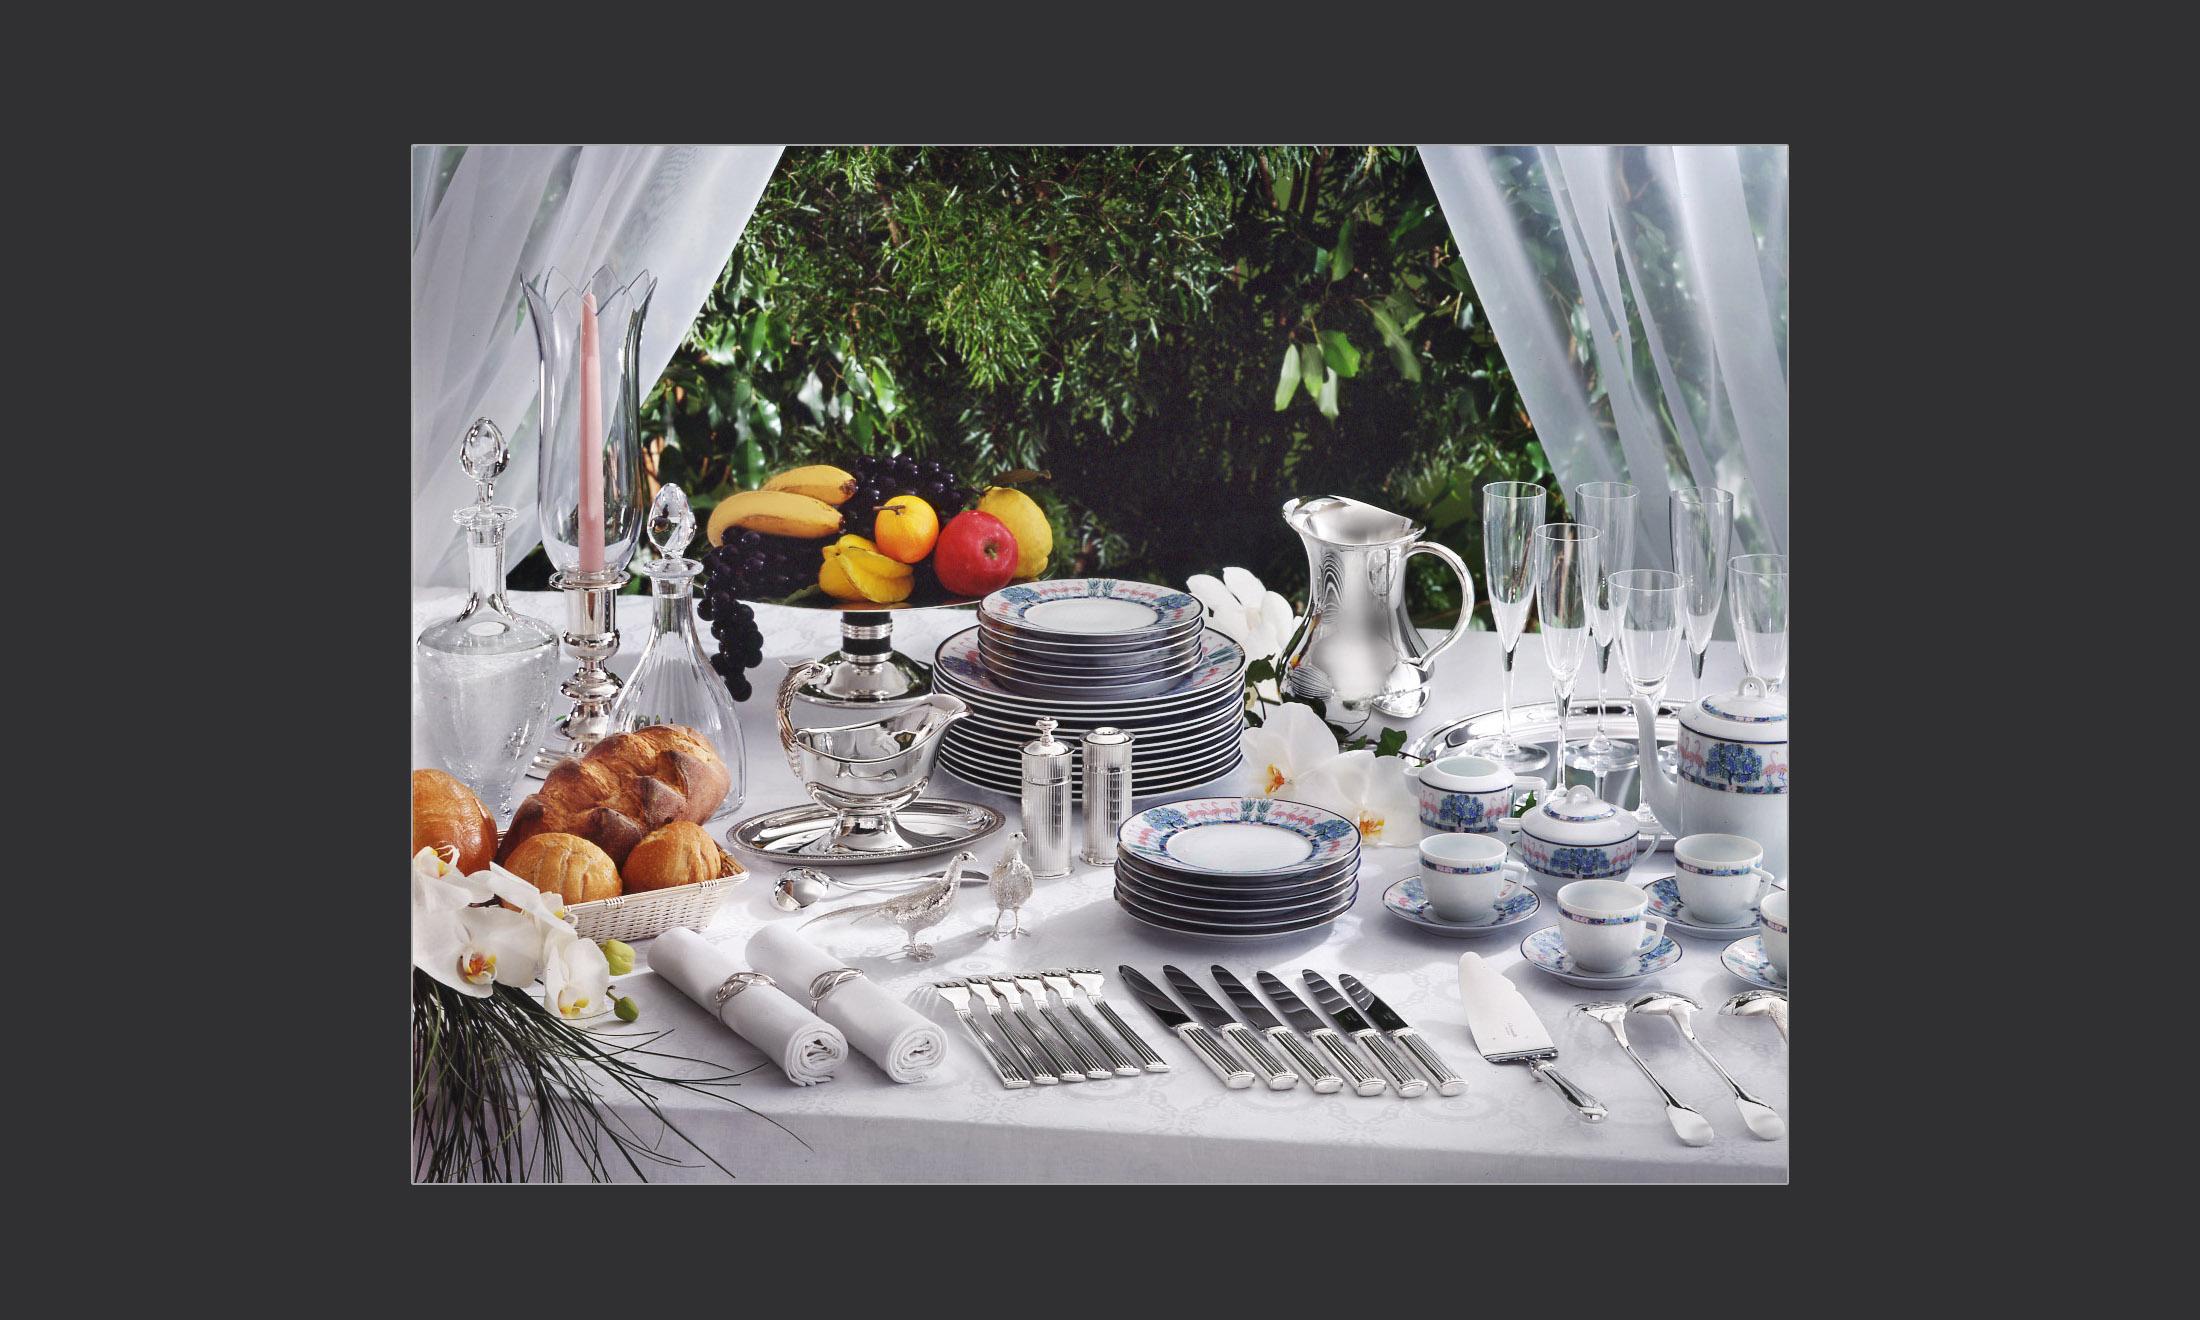 Table of utensils